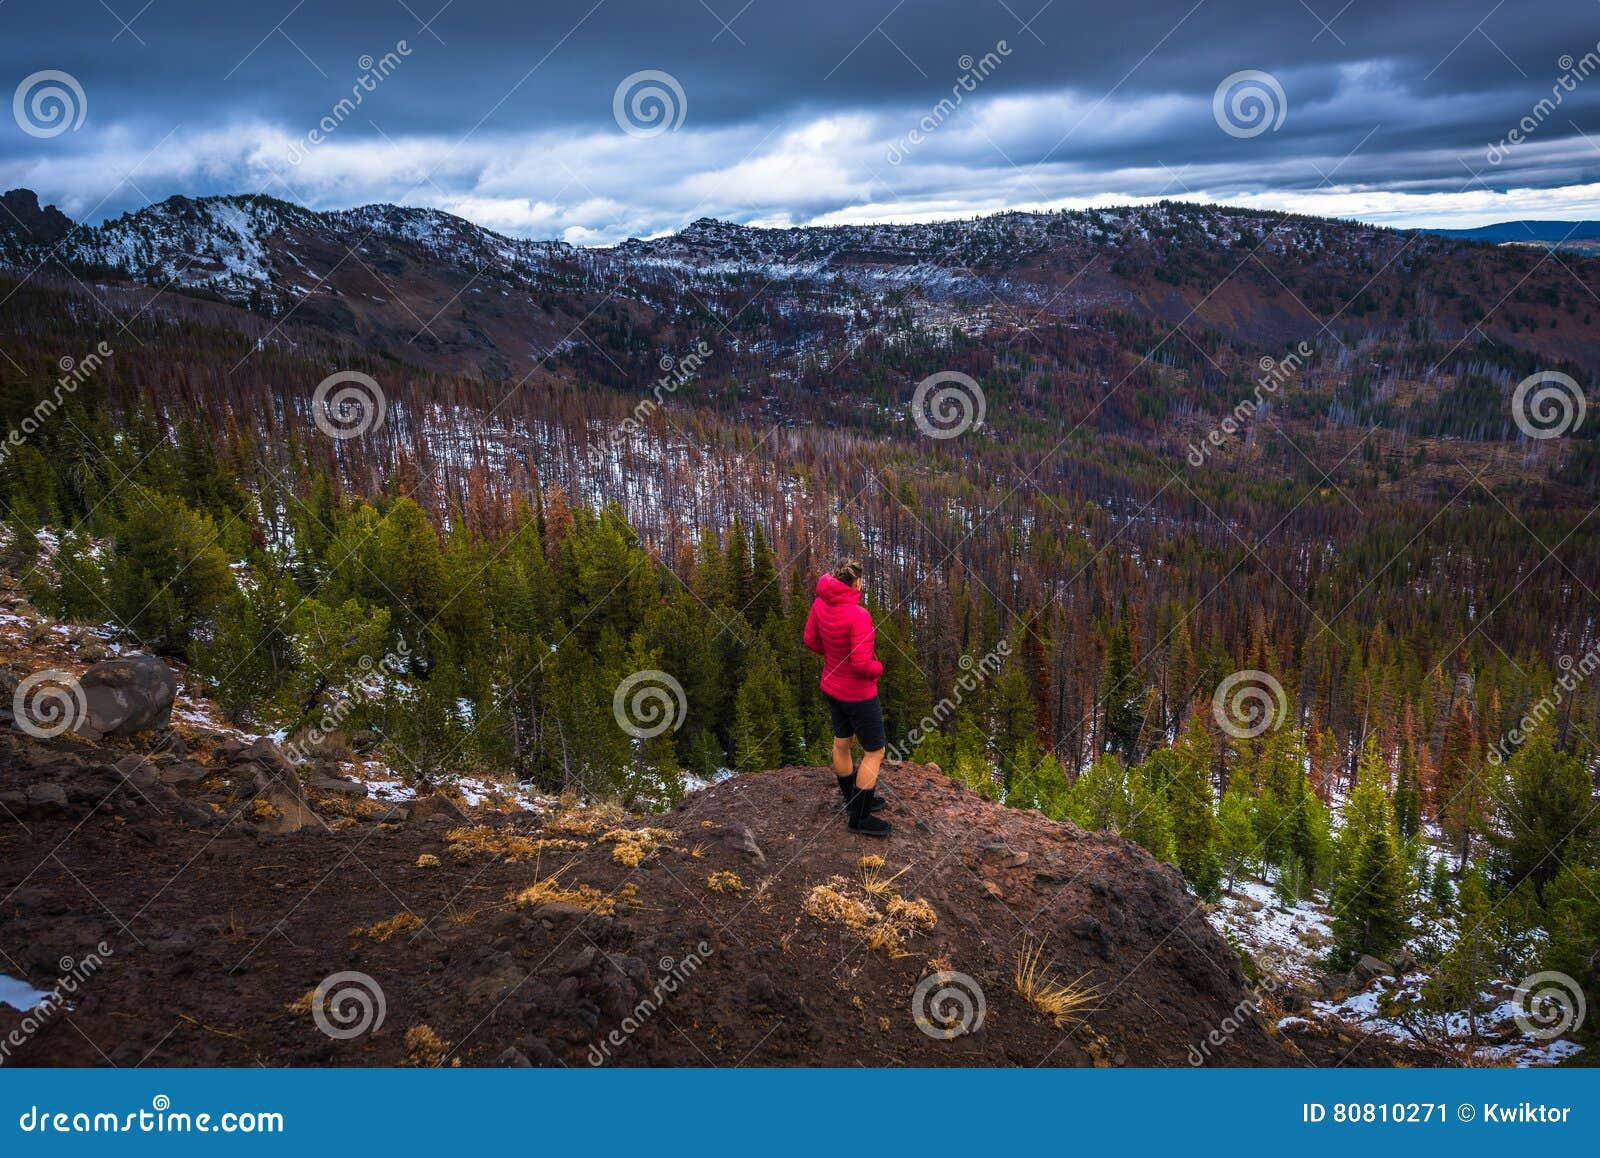 Réserve Forestière De Malher De Région Sauvage De Montagnes De